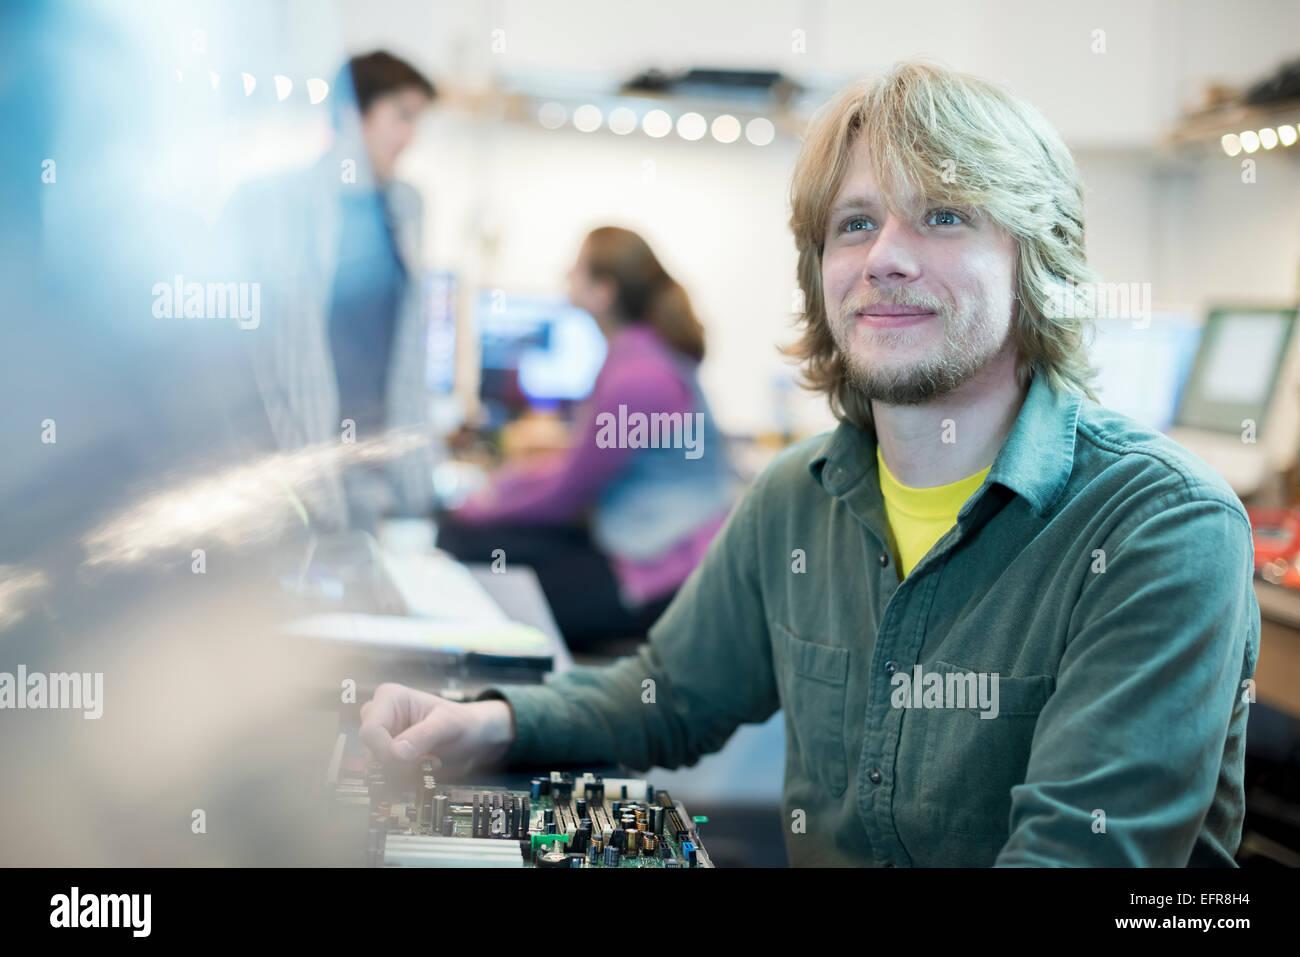 Un hombre joven y dos compañeros de trabajo en una tienda de equipo. Imagen De Stock